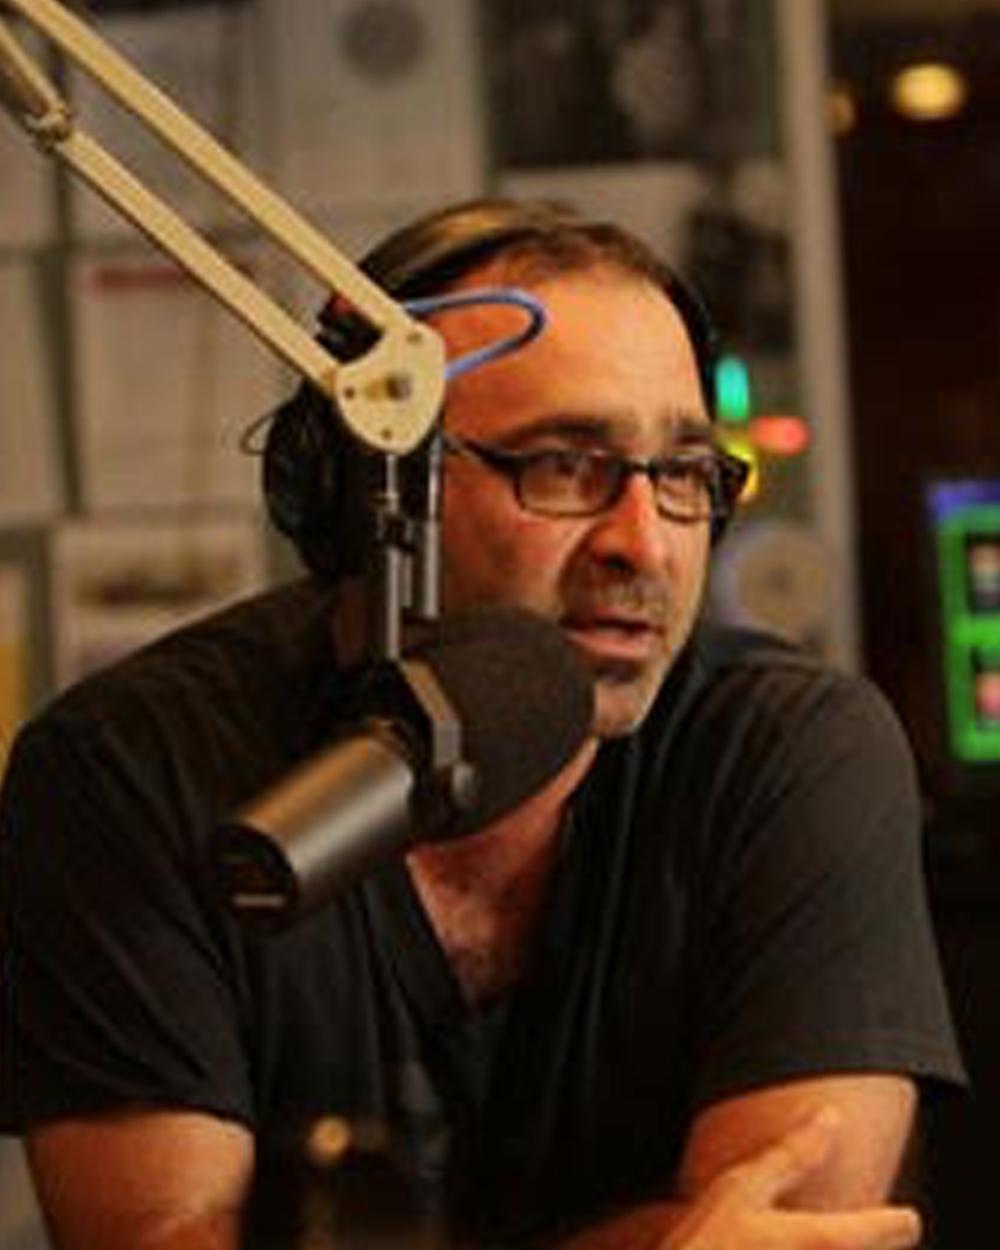 Jason Kramer